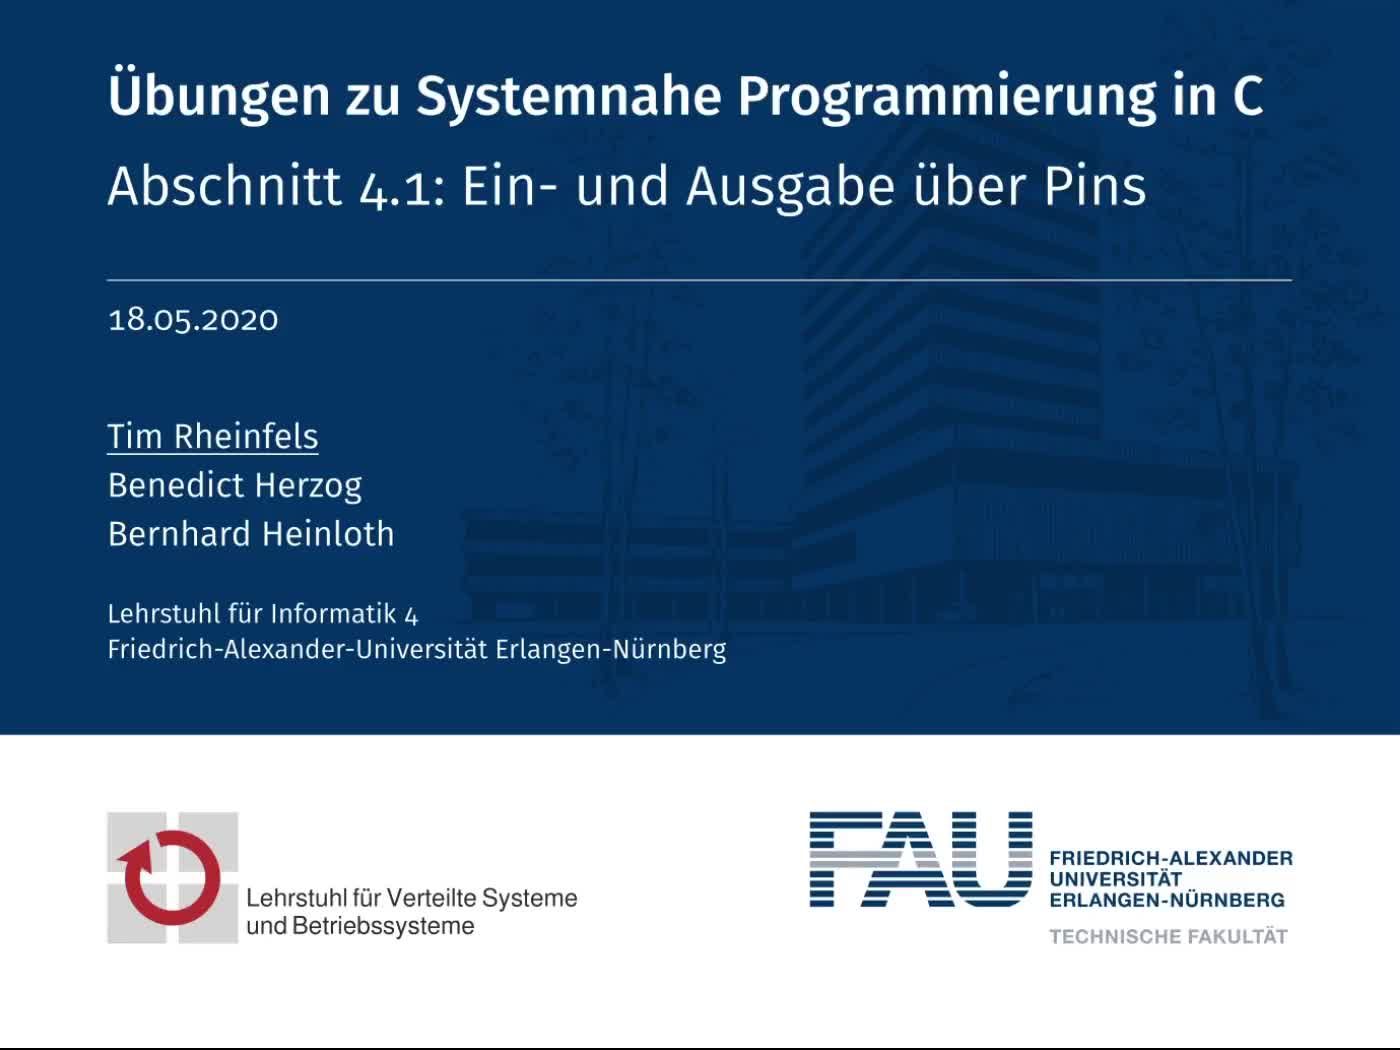 04.1: Ein-/Ausgabe über Pins preview image